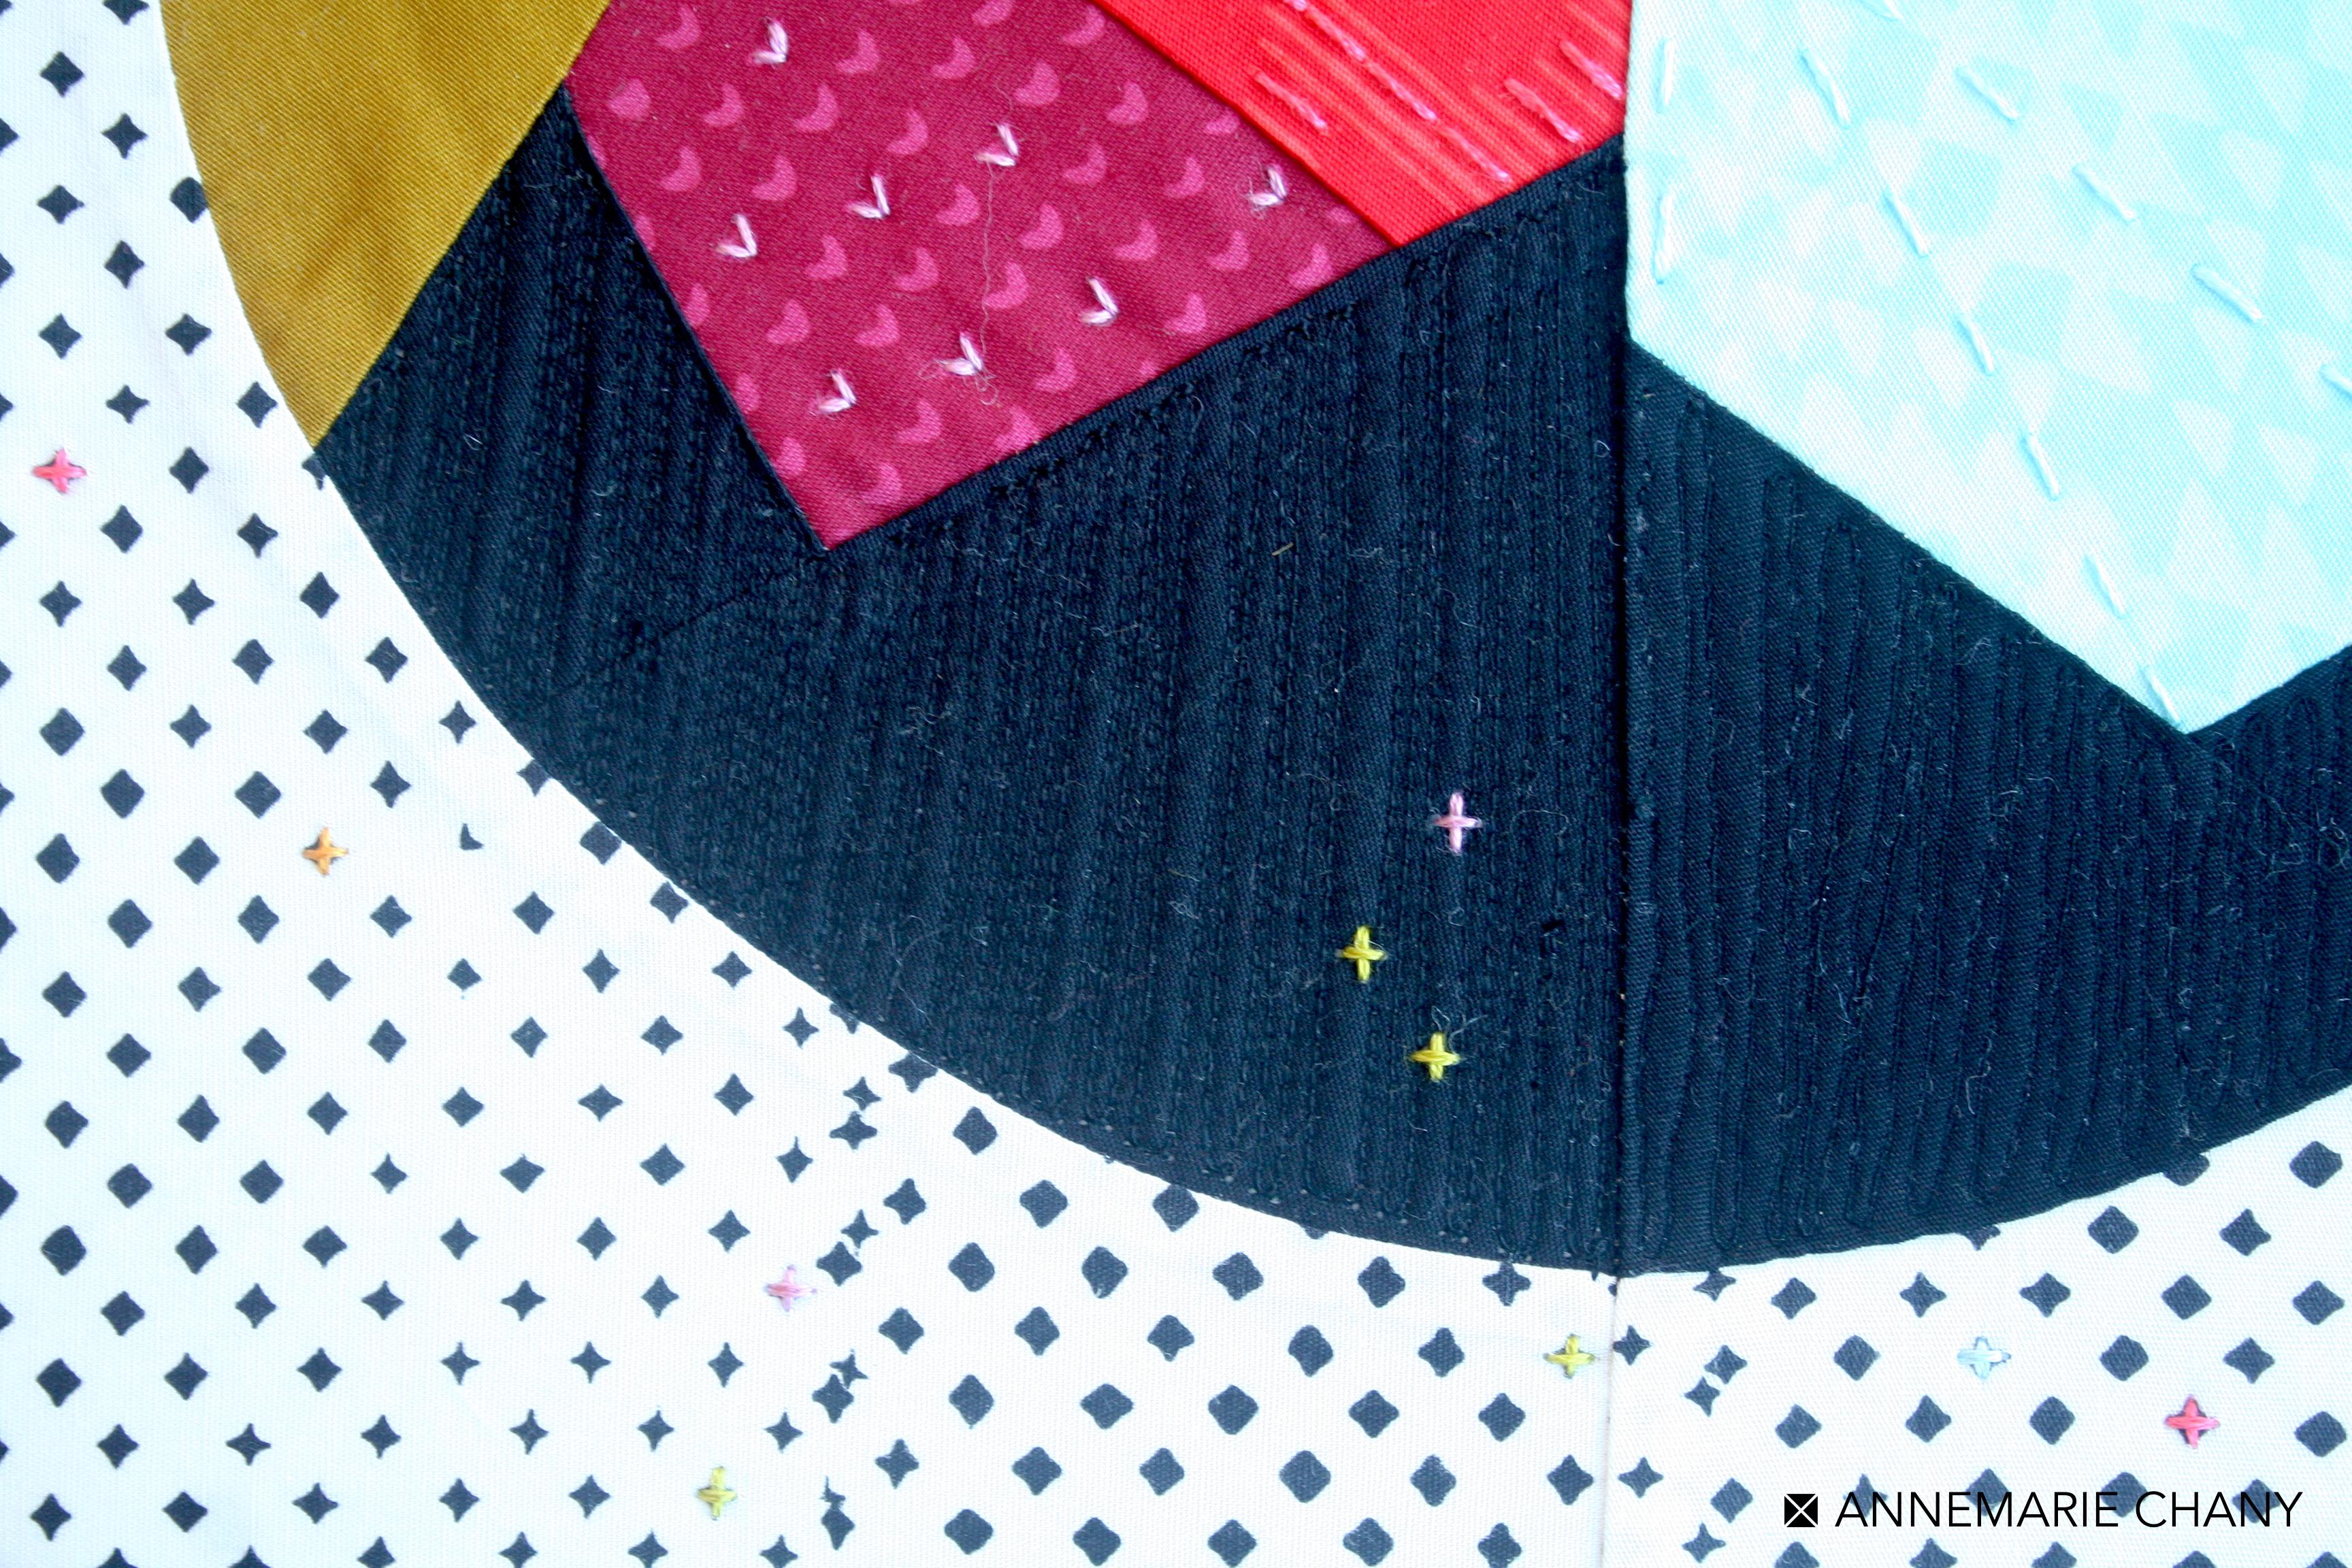 Matchstick Quilting detail Improv Hoop